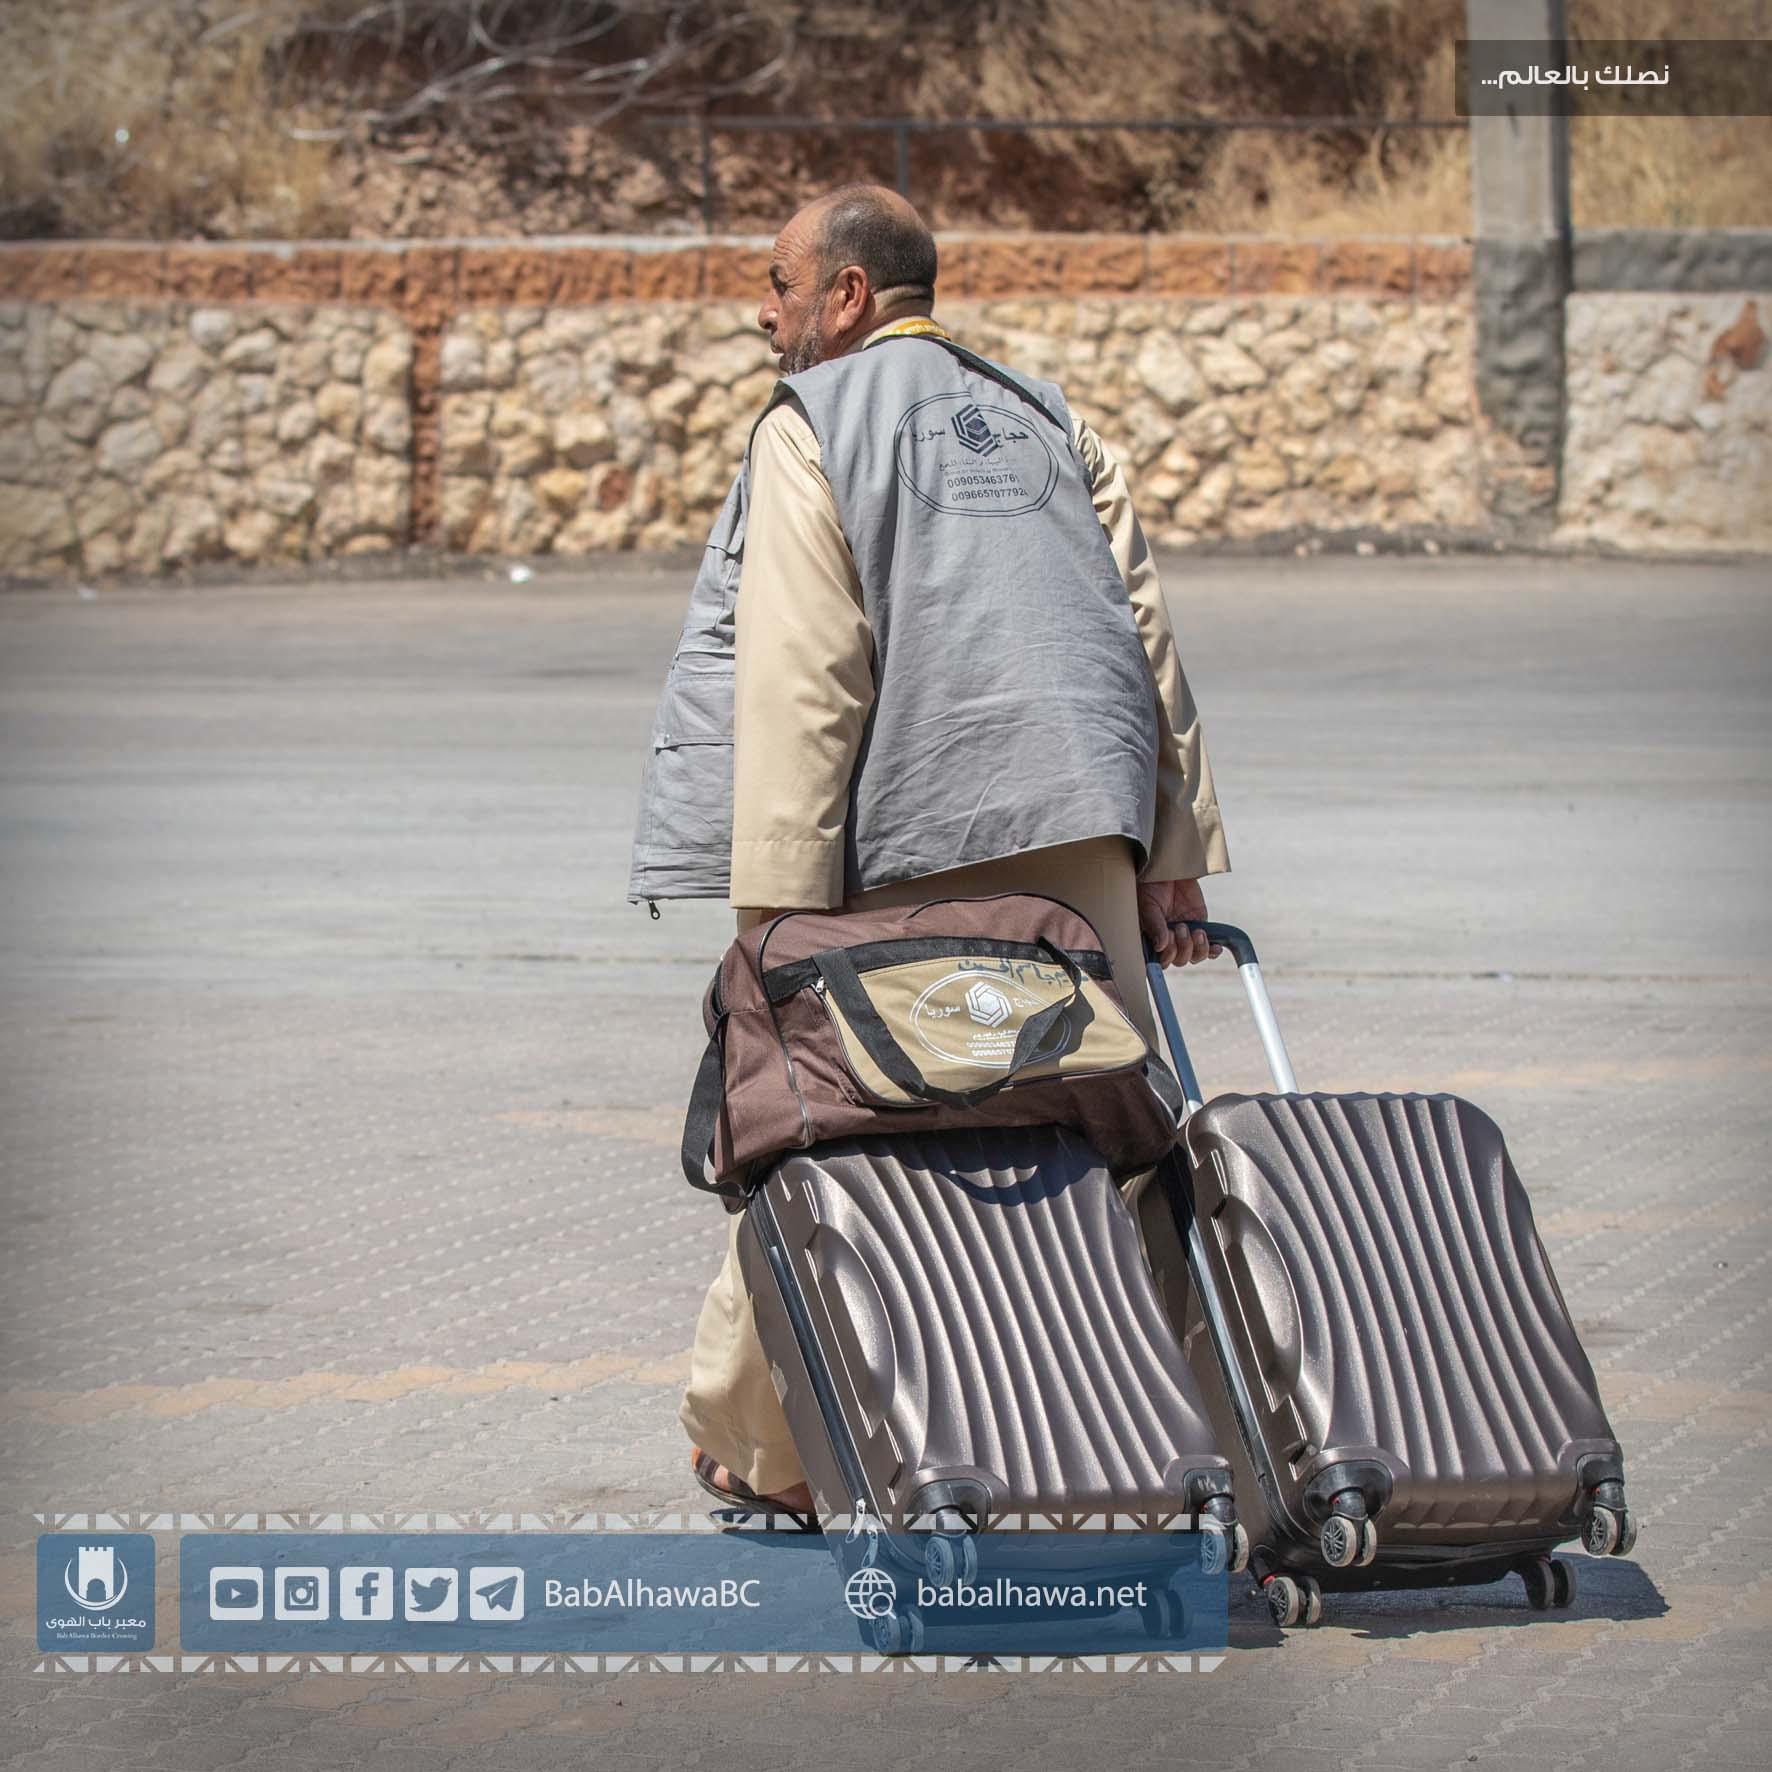 حاج سوري مسافر عبر معبر باب الهوى - سوريا